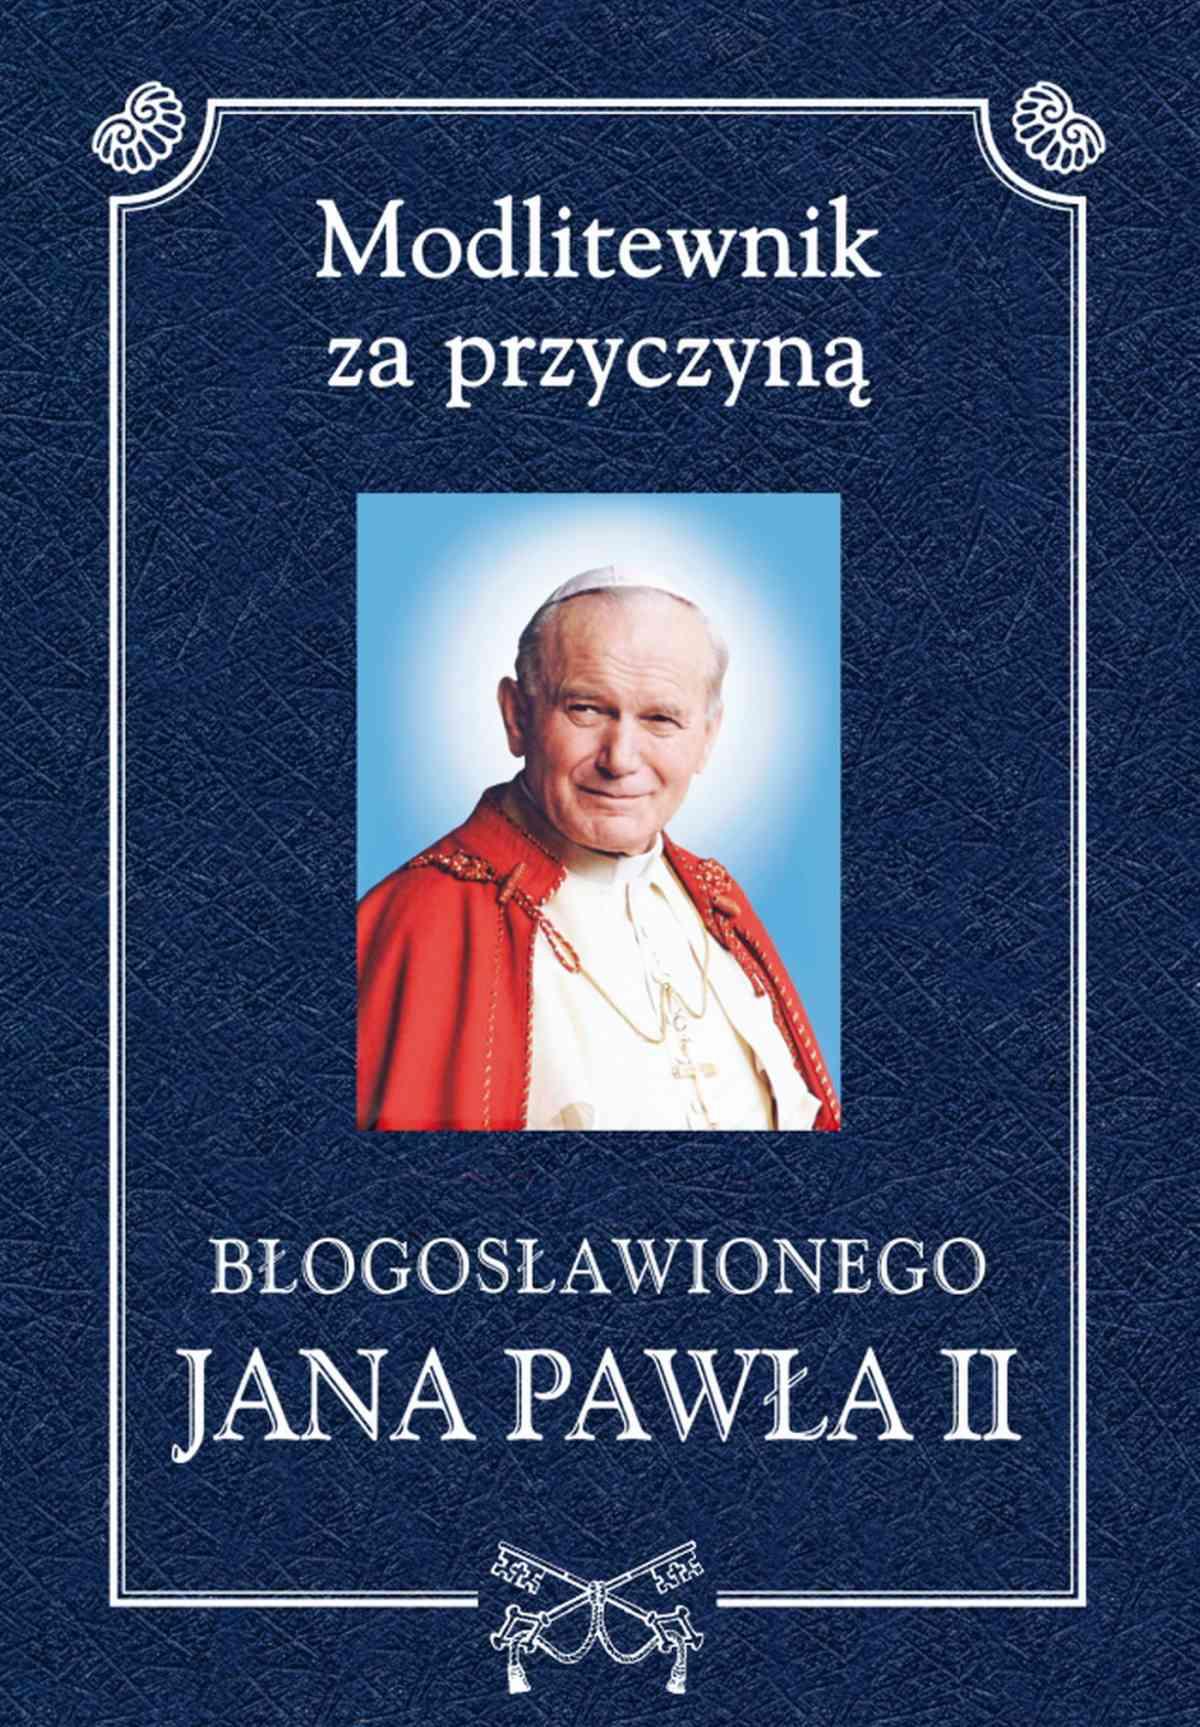 Modlitewnik za przyczyną błogosławionego Jana Pawła II - Ebook (Książka na Kindle) do pobrania w formacie MOBI